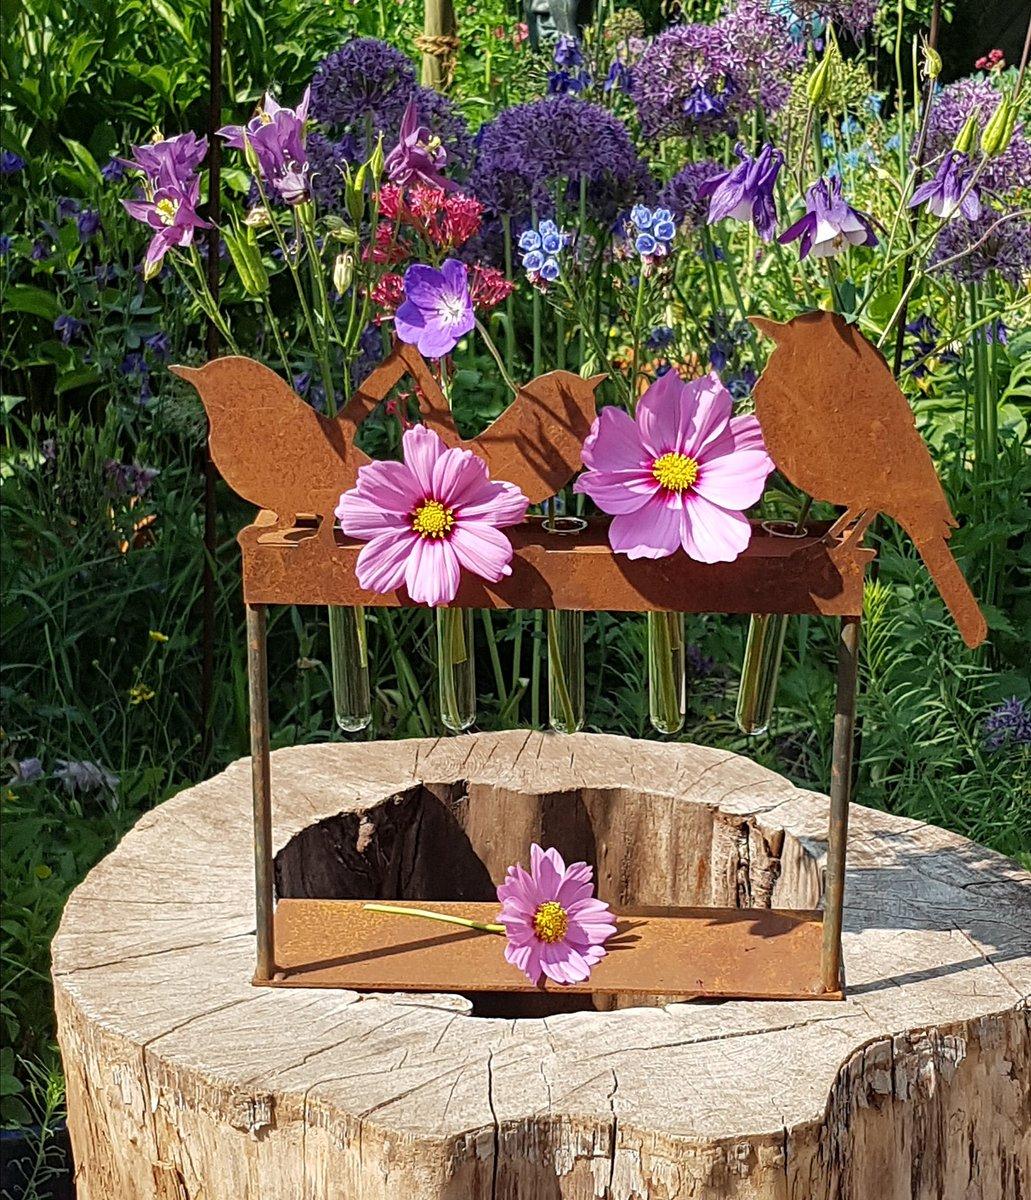 #pfingsten #pfingsttage #feiertage #blumen #vase #reagenzglas #sonne #rost  #rostdeko #garten #gartendekoration #pentecost #whitsun #holiday #flowers  ...